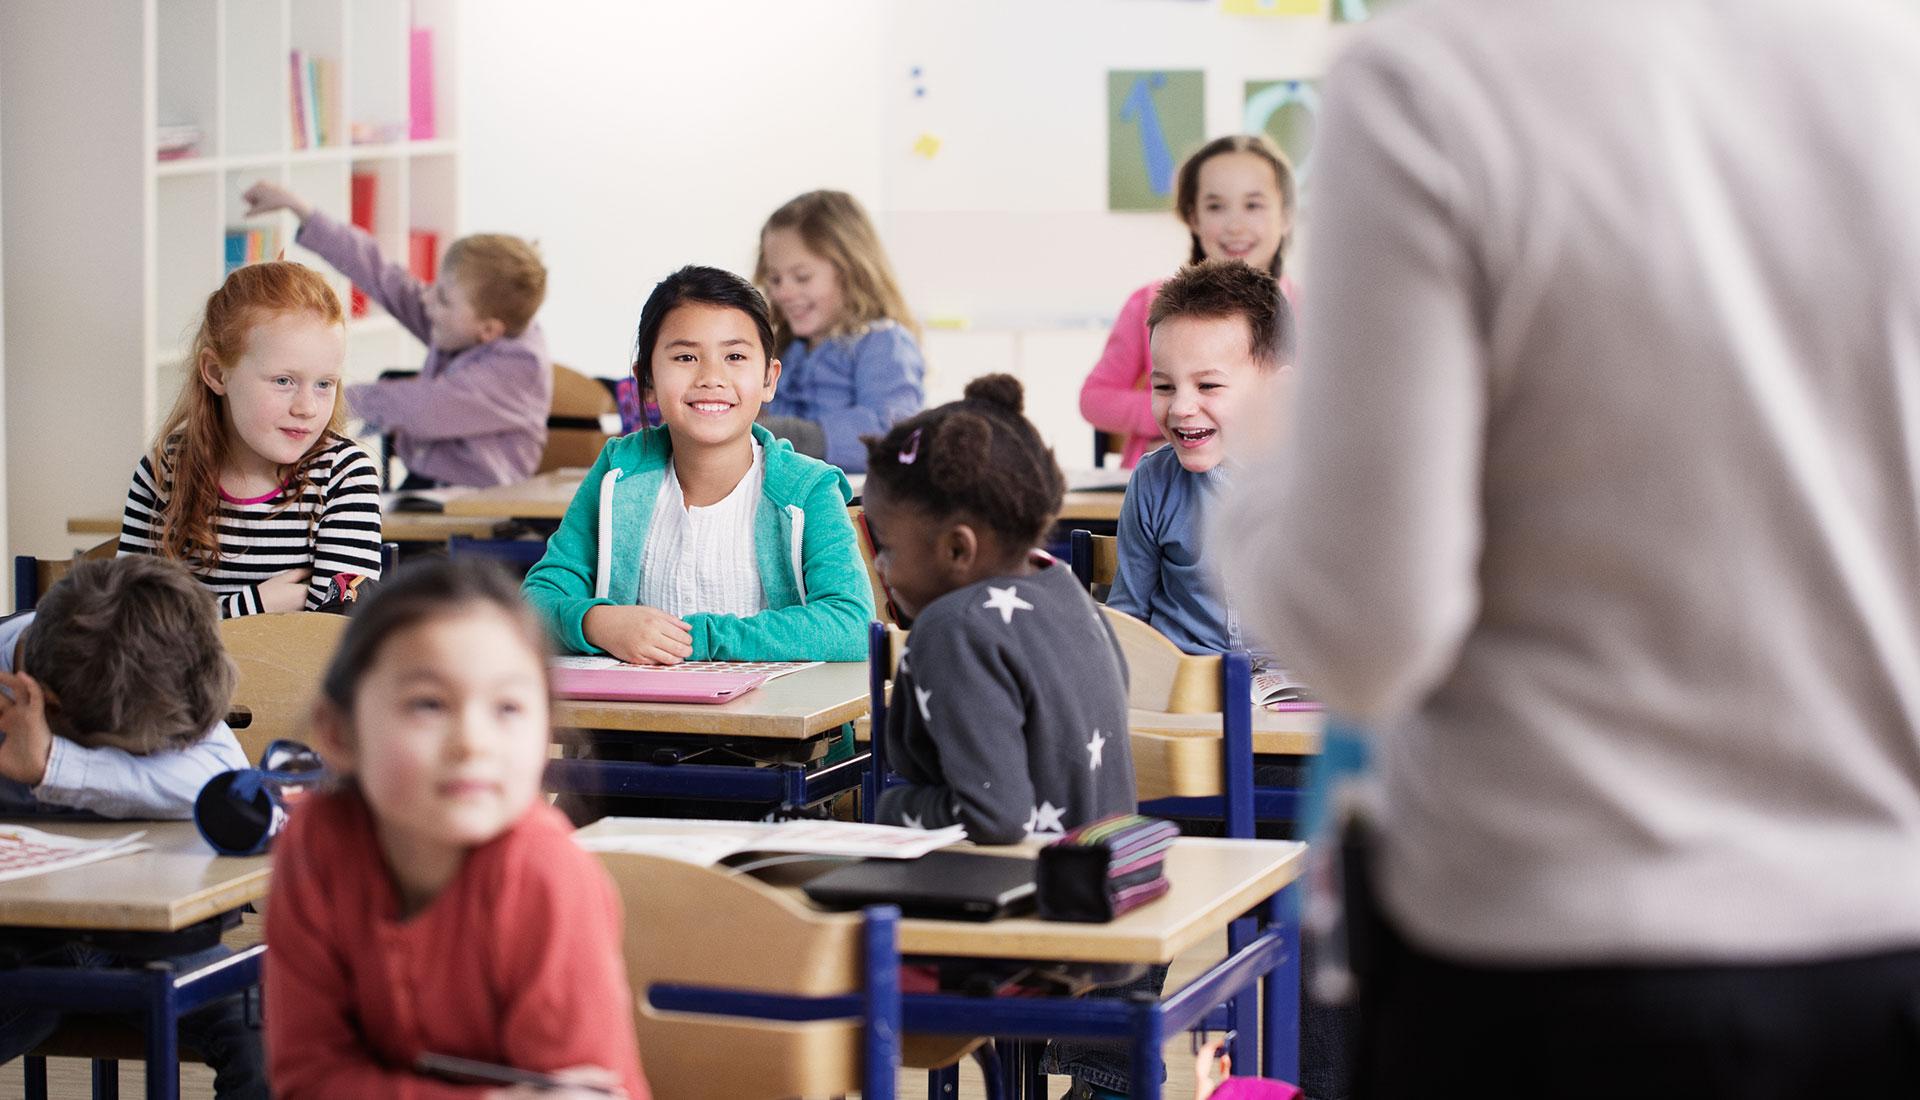 enfants en classe à l'école avec professeur de dos